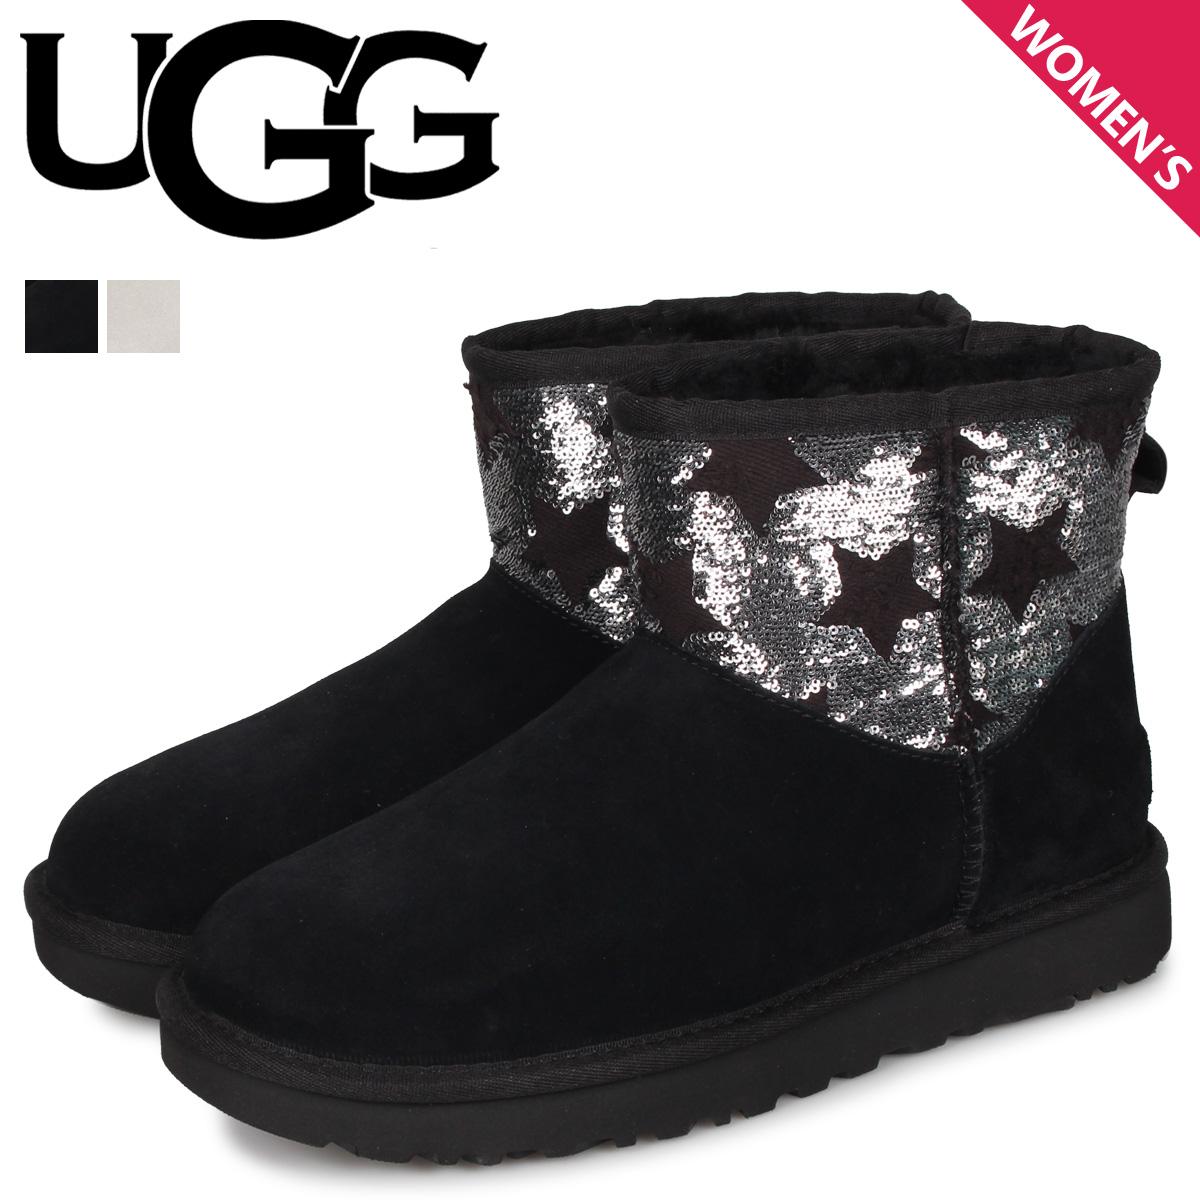 UGG アグ ムートン ブーツ クラシック ミニ シークイン スターズ レディース CLASSIC MINI SEQUIN STARS ブラック グレー 黒 1109441